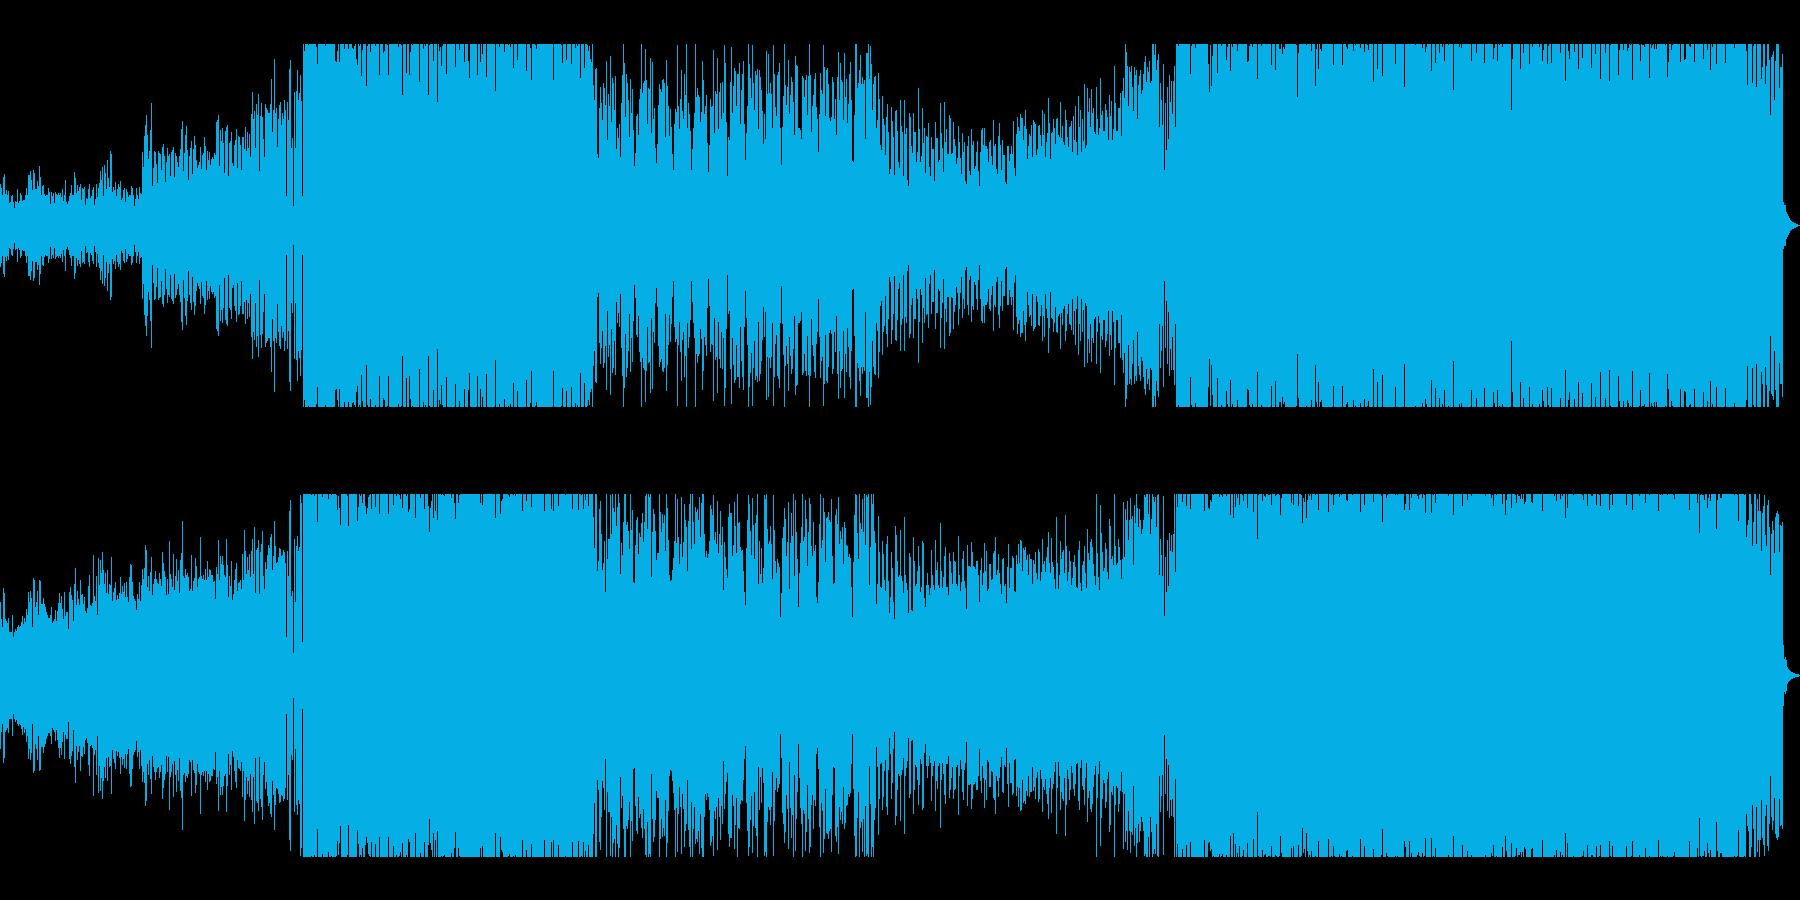 シンセとブラスが織りなすEDMサウンドの再生済みの波形